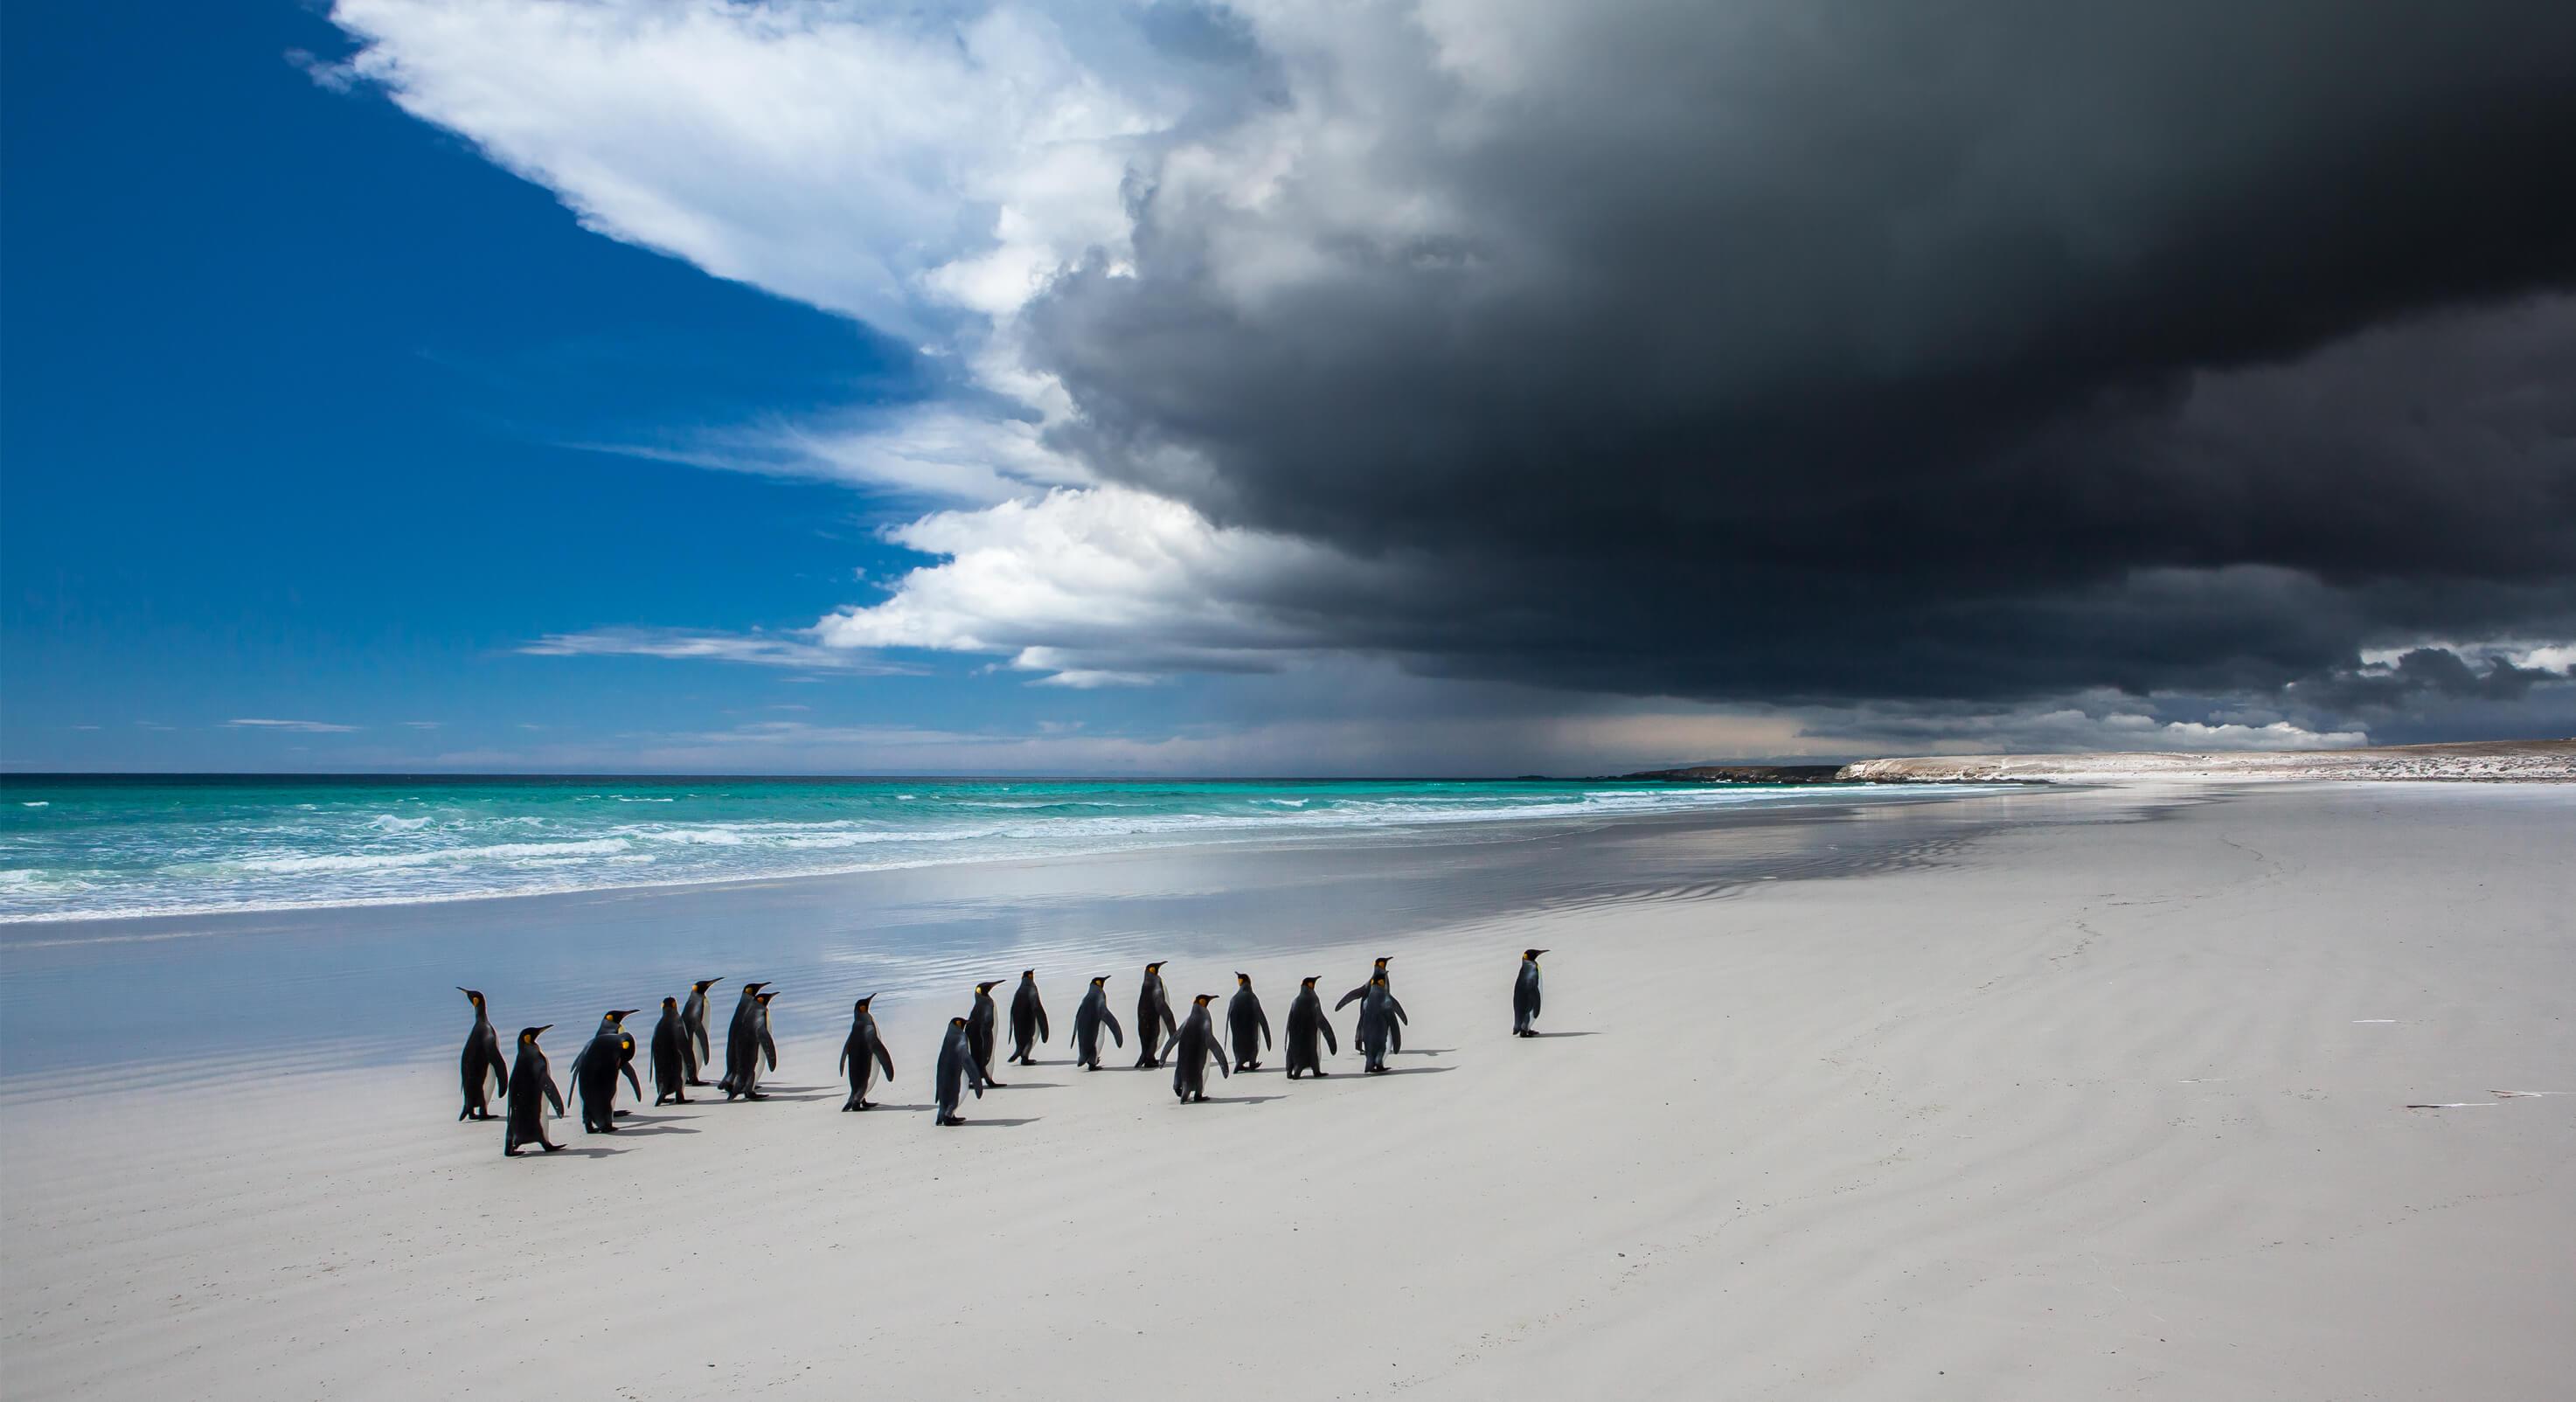 King-Penguins-1-1-1-2